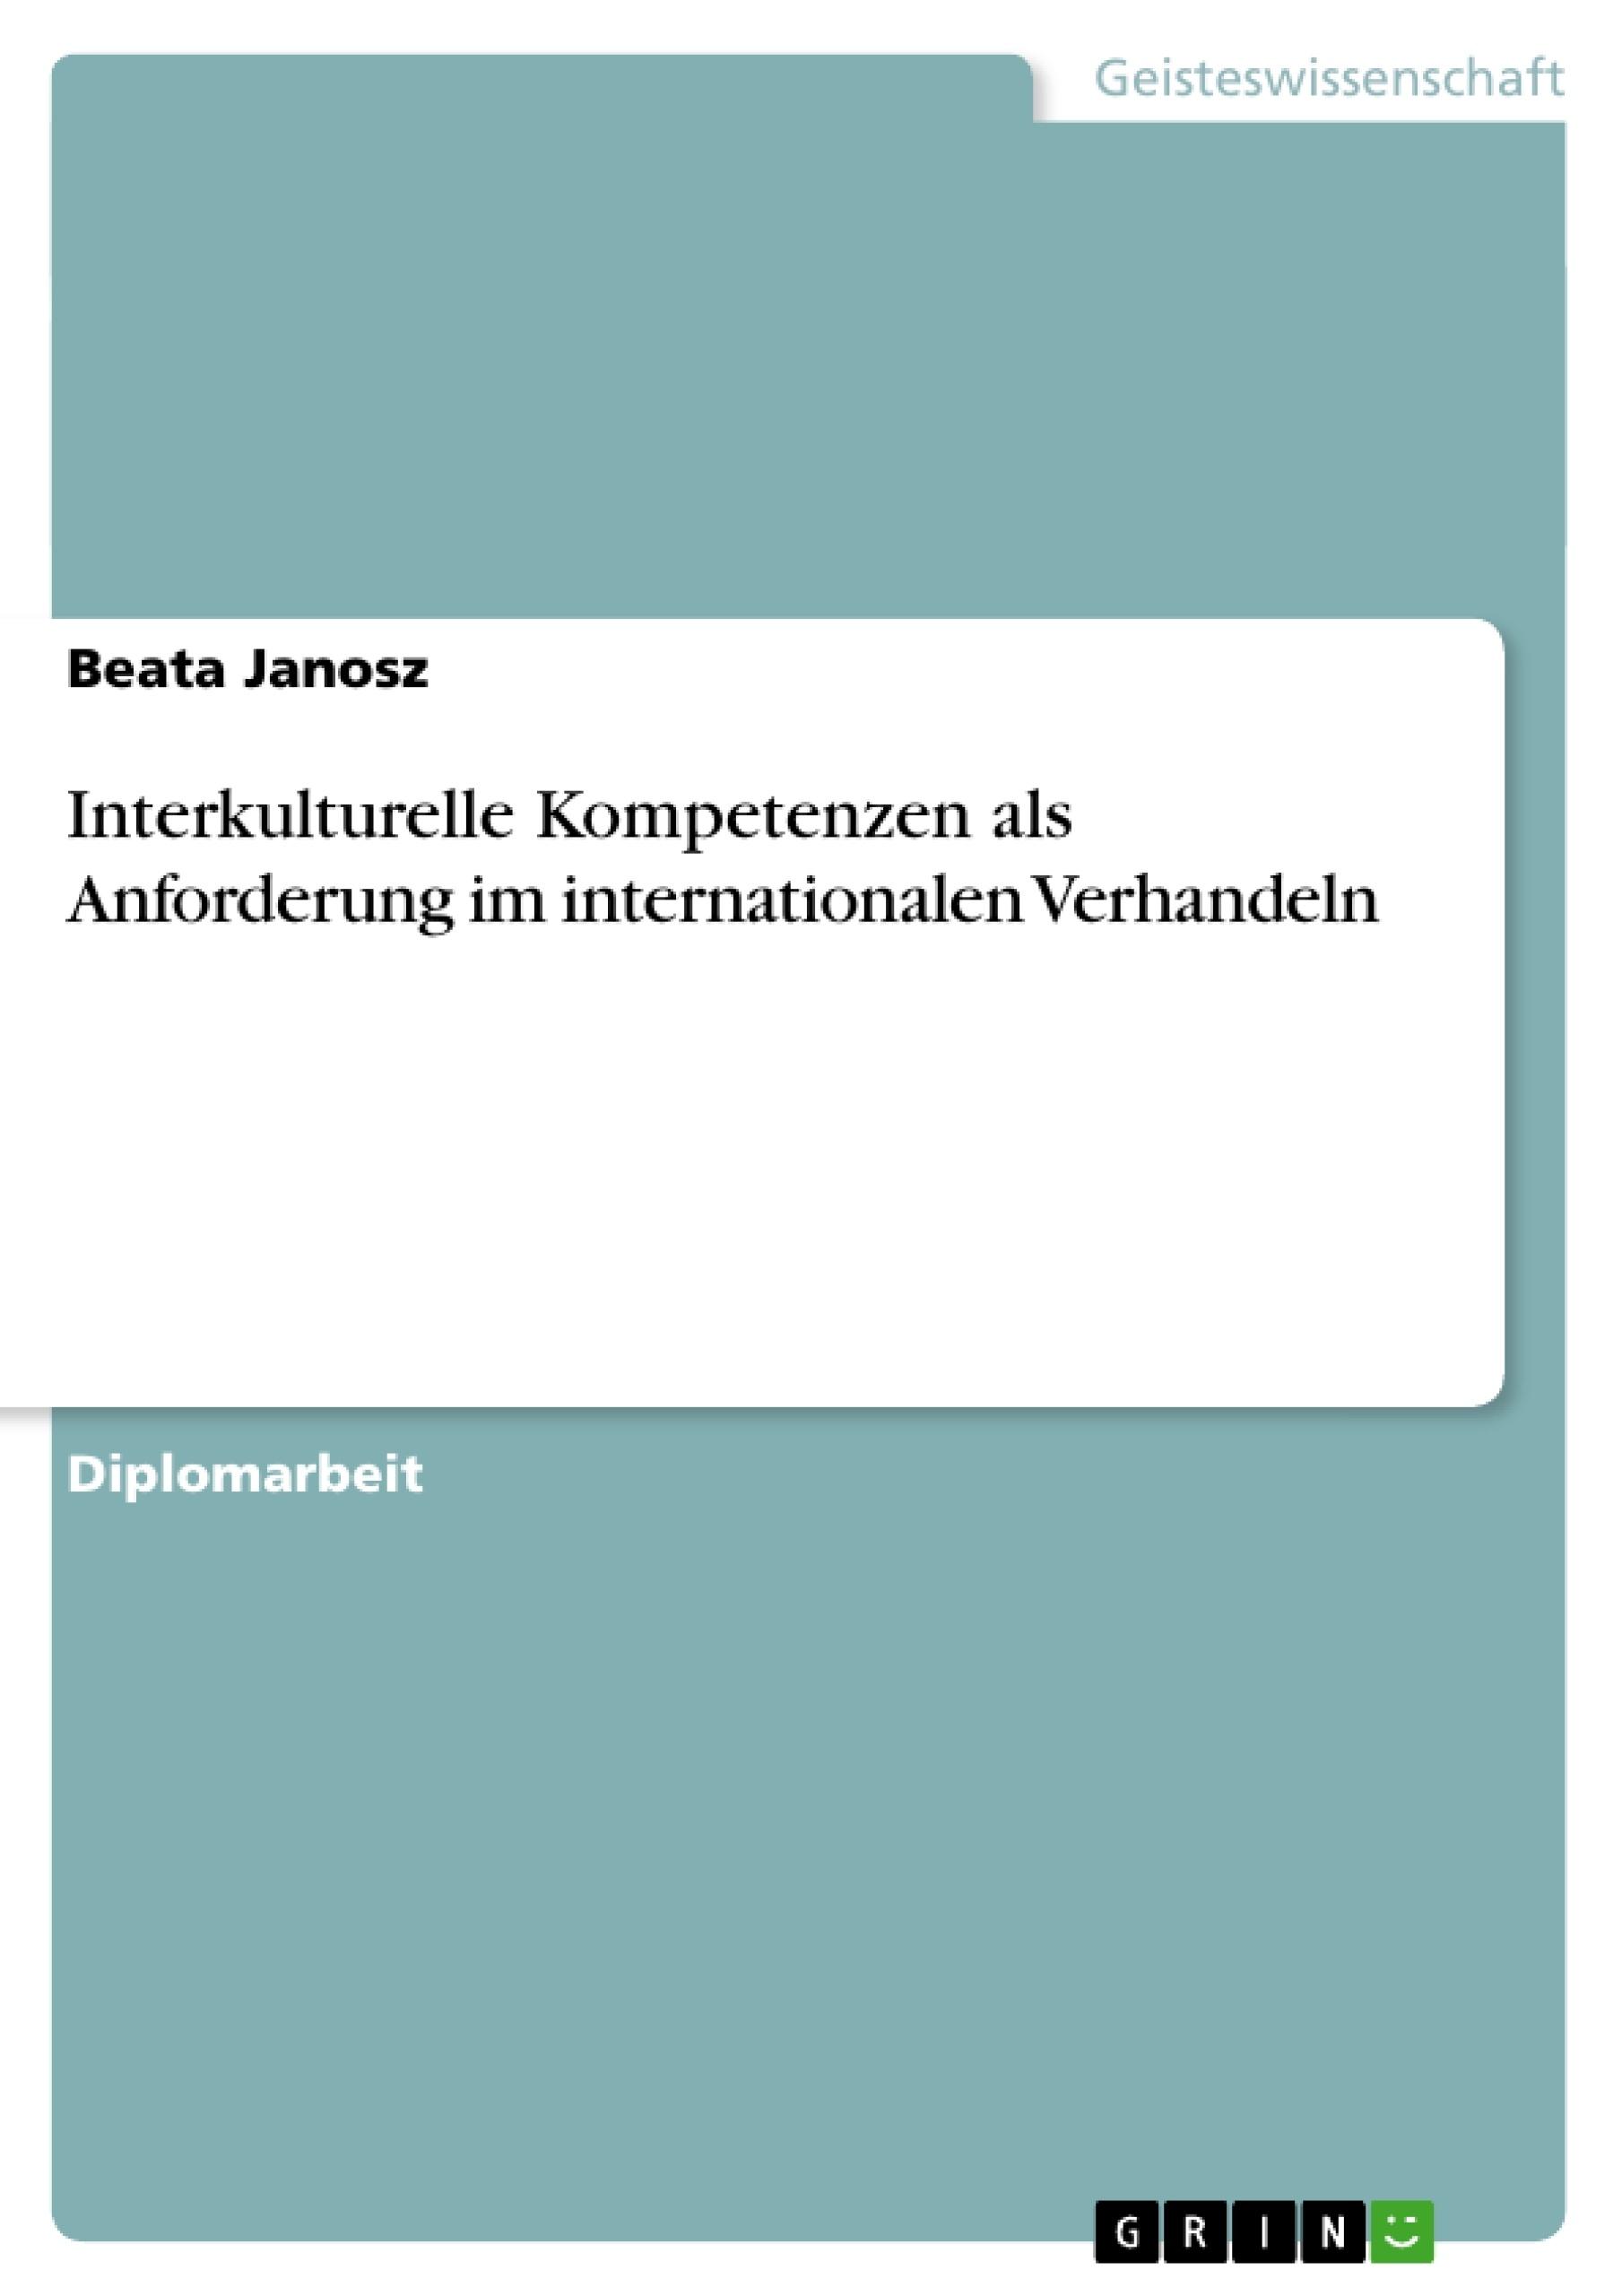 Titel: Interkulturelle Kompetenzen als Anforderung im internationalen Verhandeln